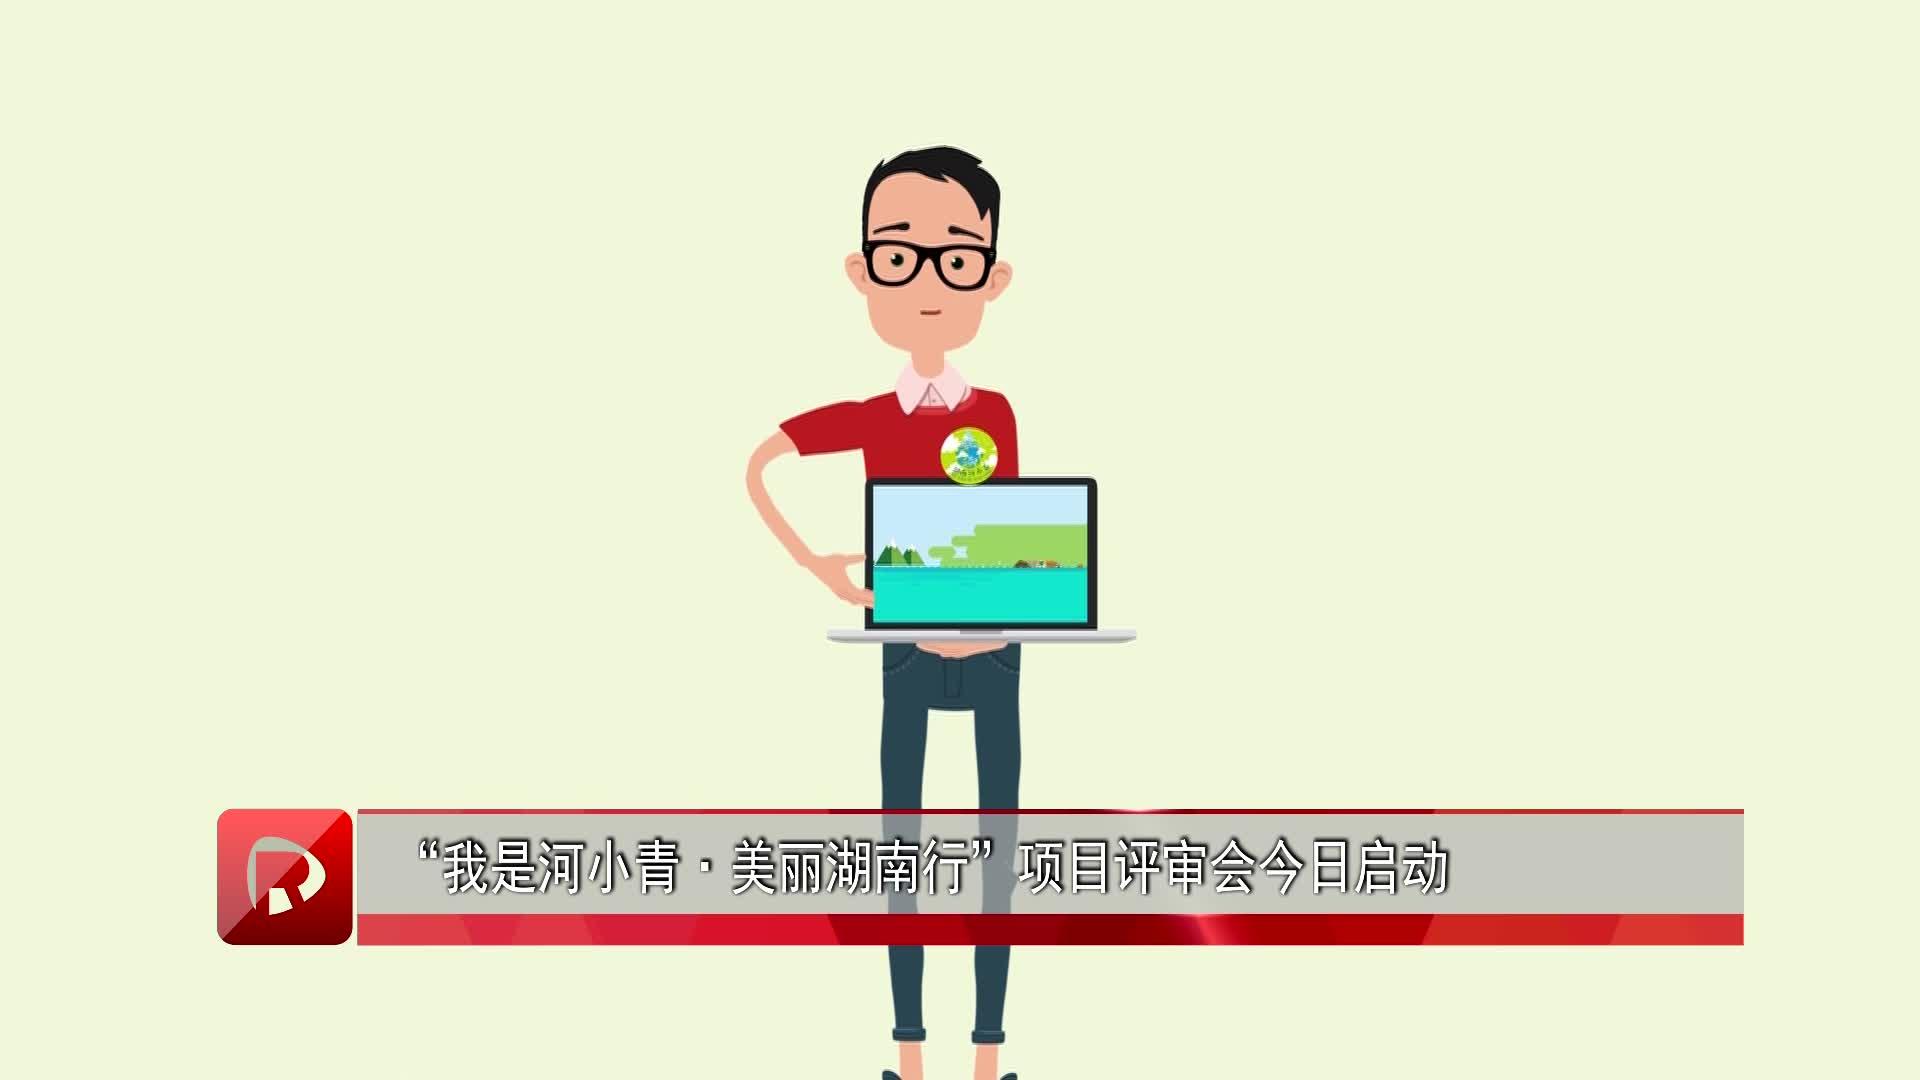 """""""我是河小青·美丽湖南行""""项目评审会今日启动"""